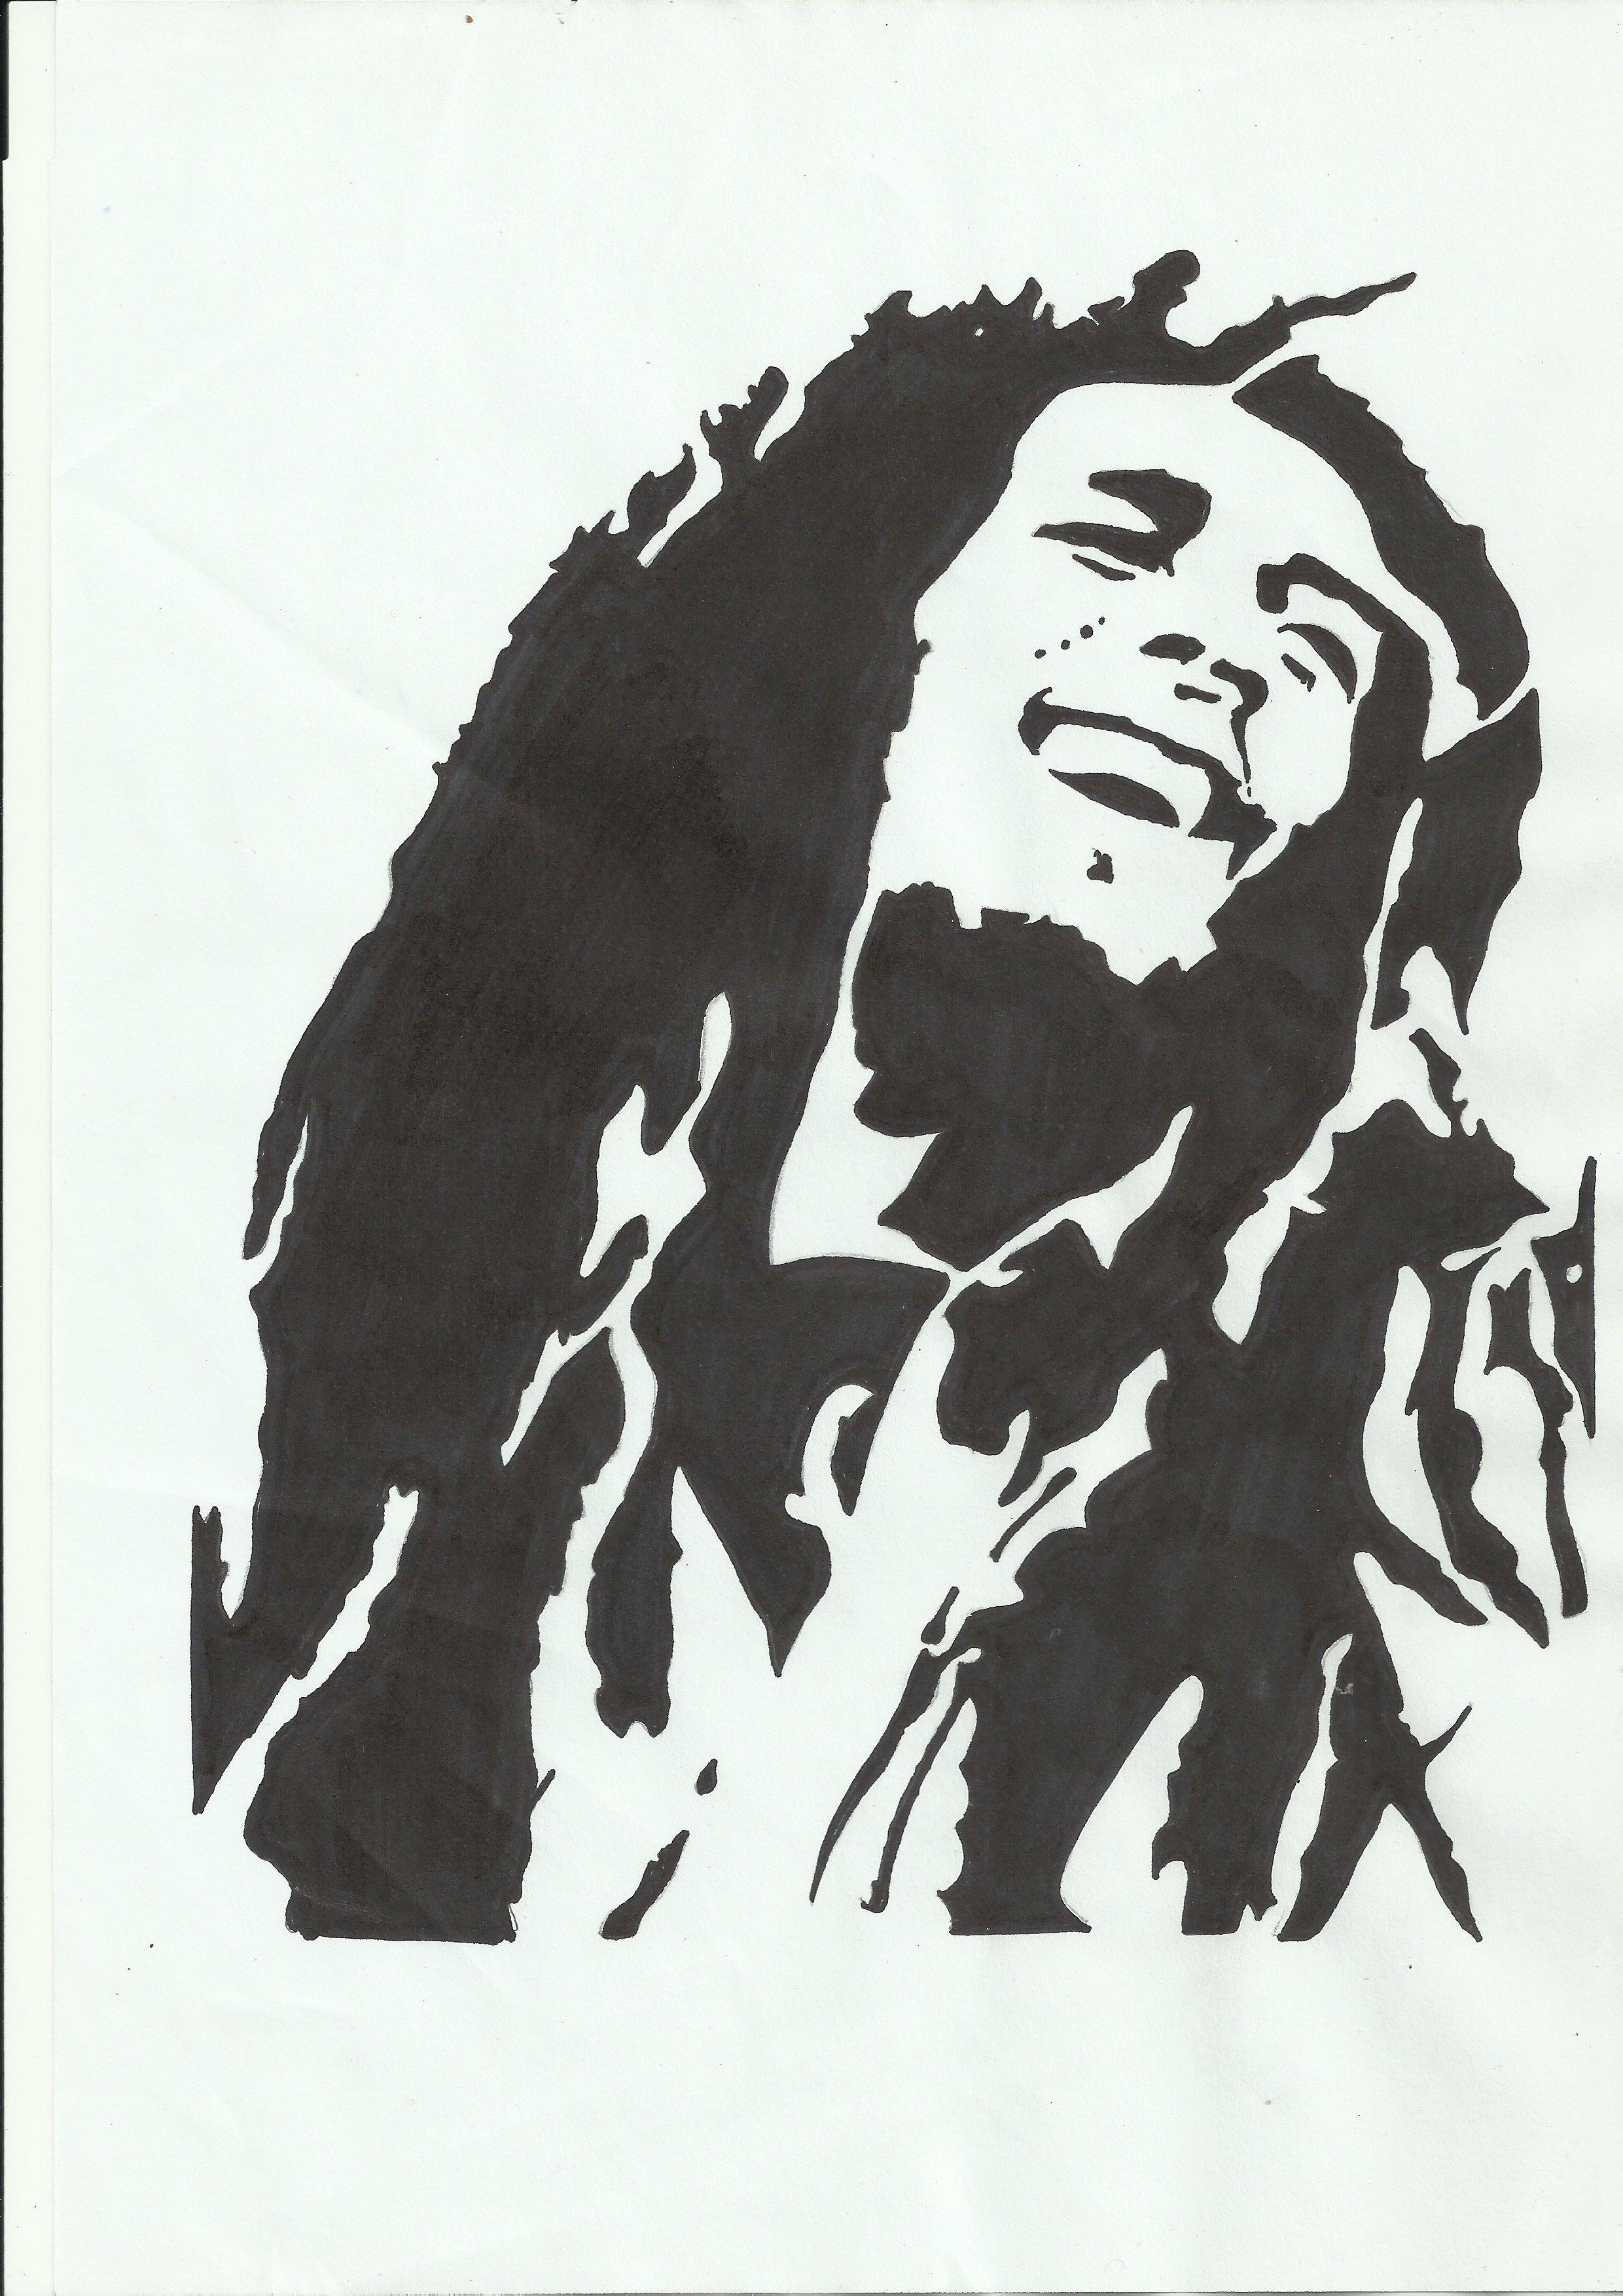 Bob Marley Bob marley art, Bob marley, Silhouette clip art